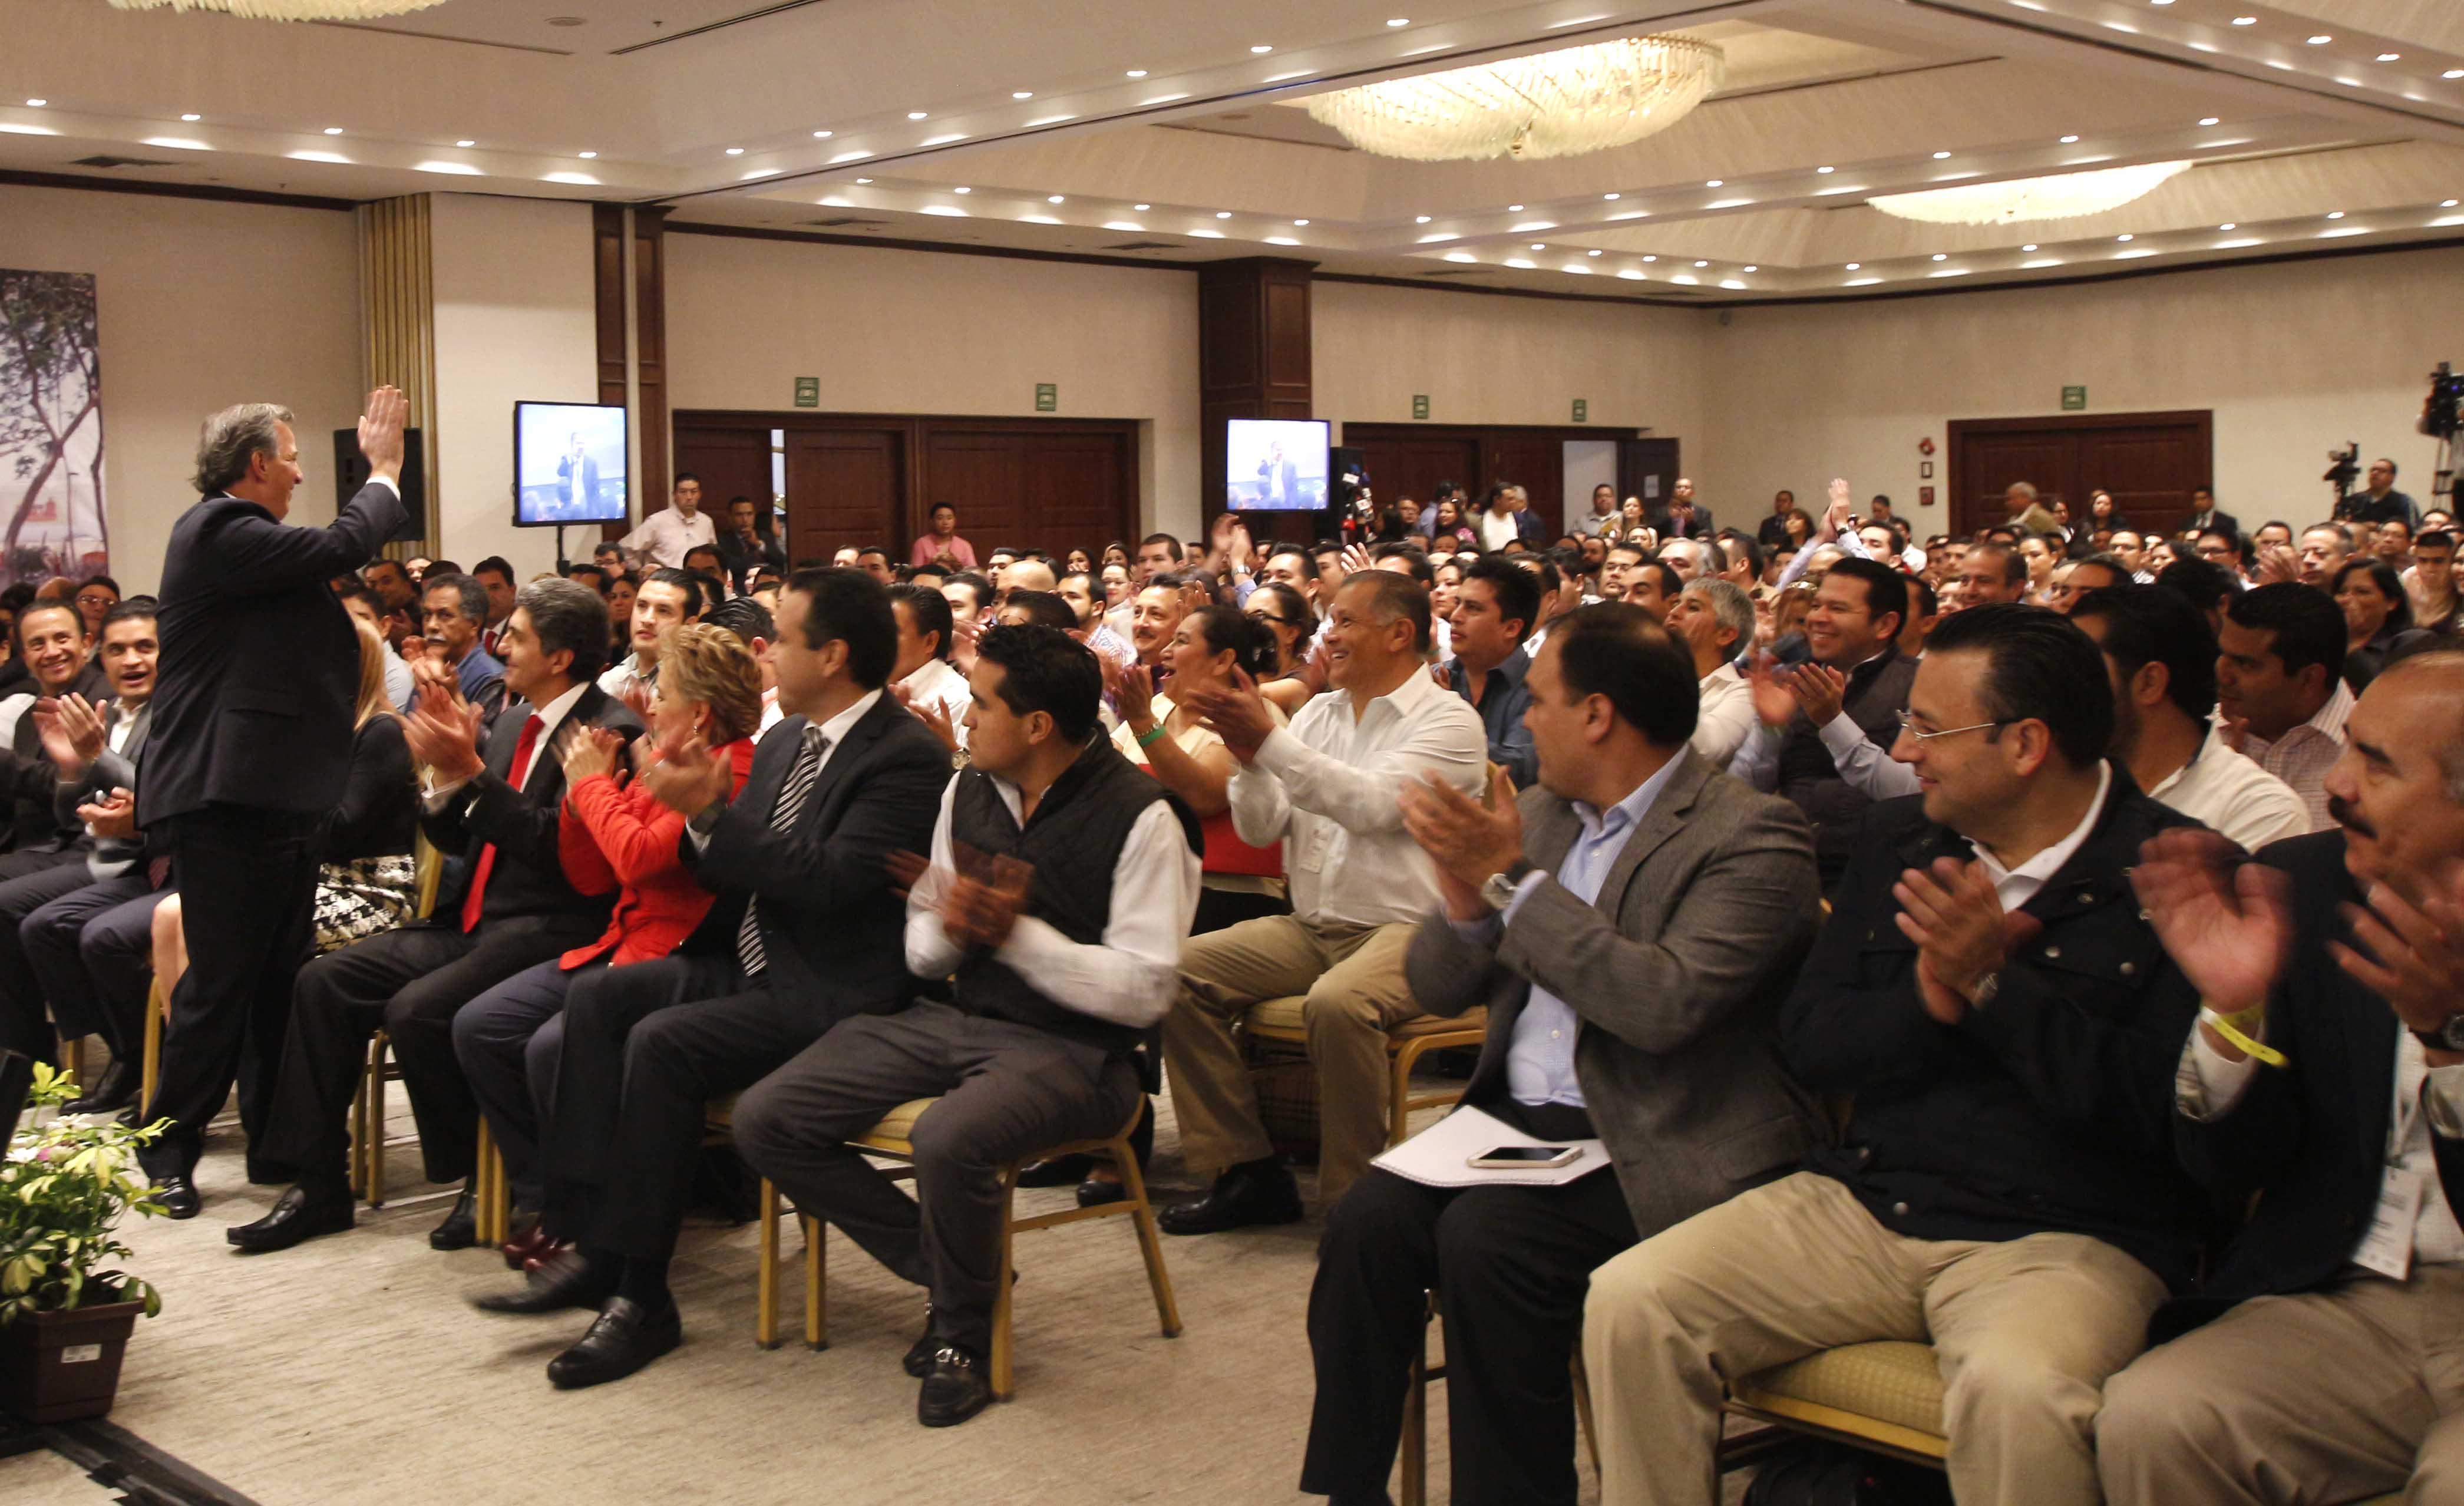 FOTO 1 Secretario Meade durante la Convenci n Nacional Prospera.jpg